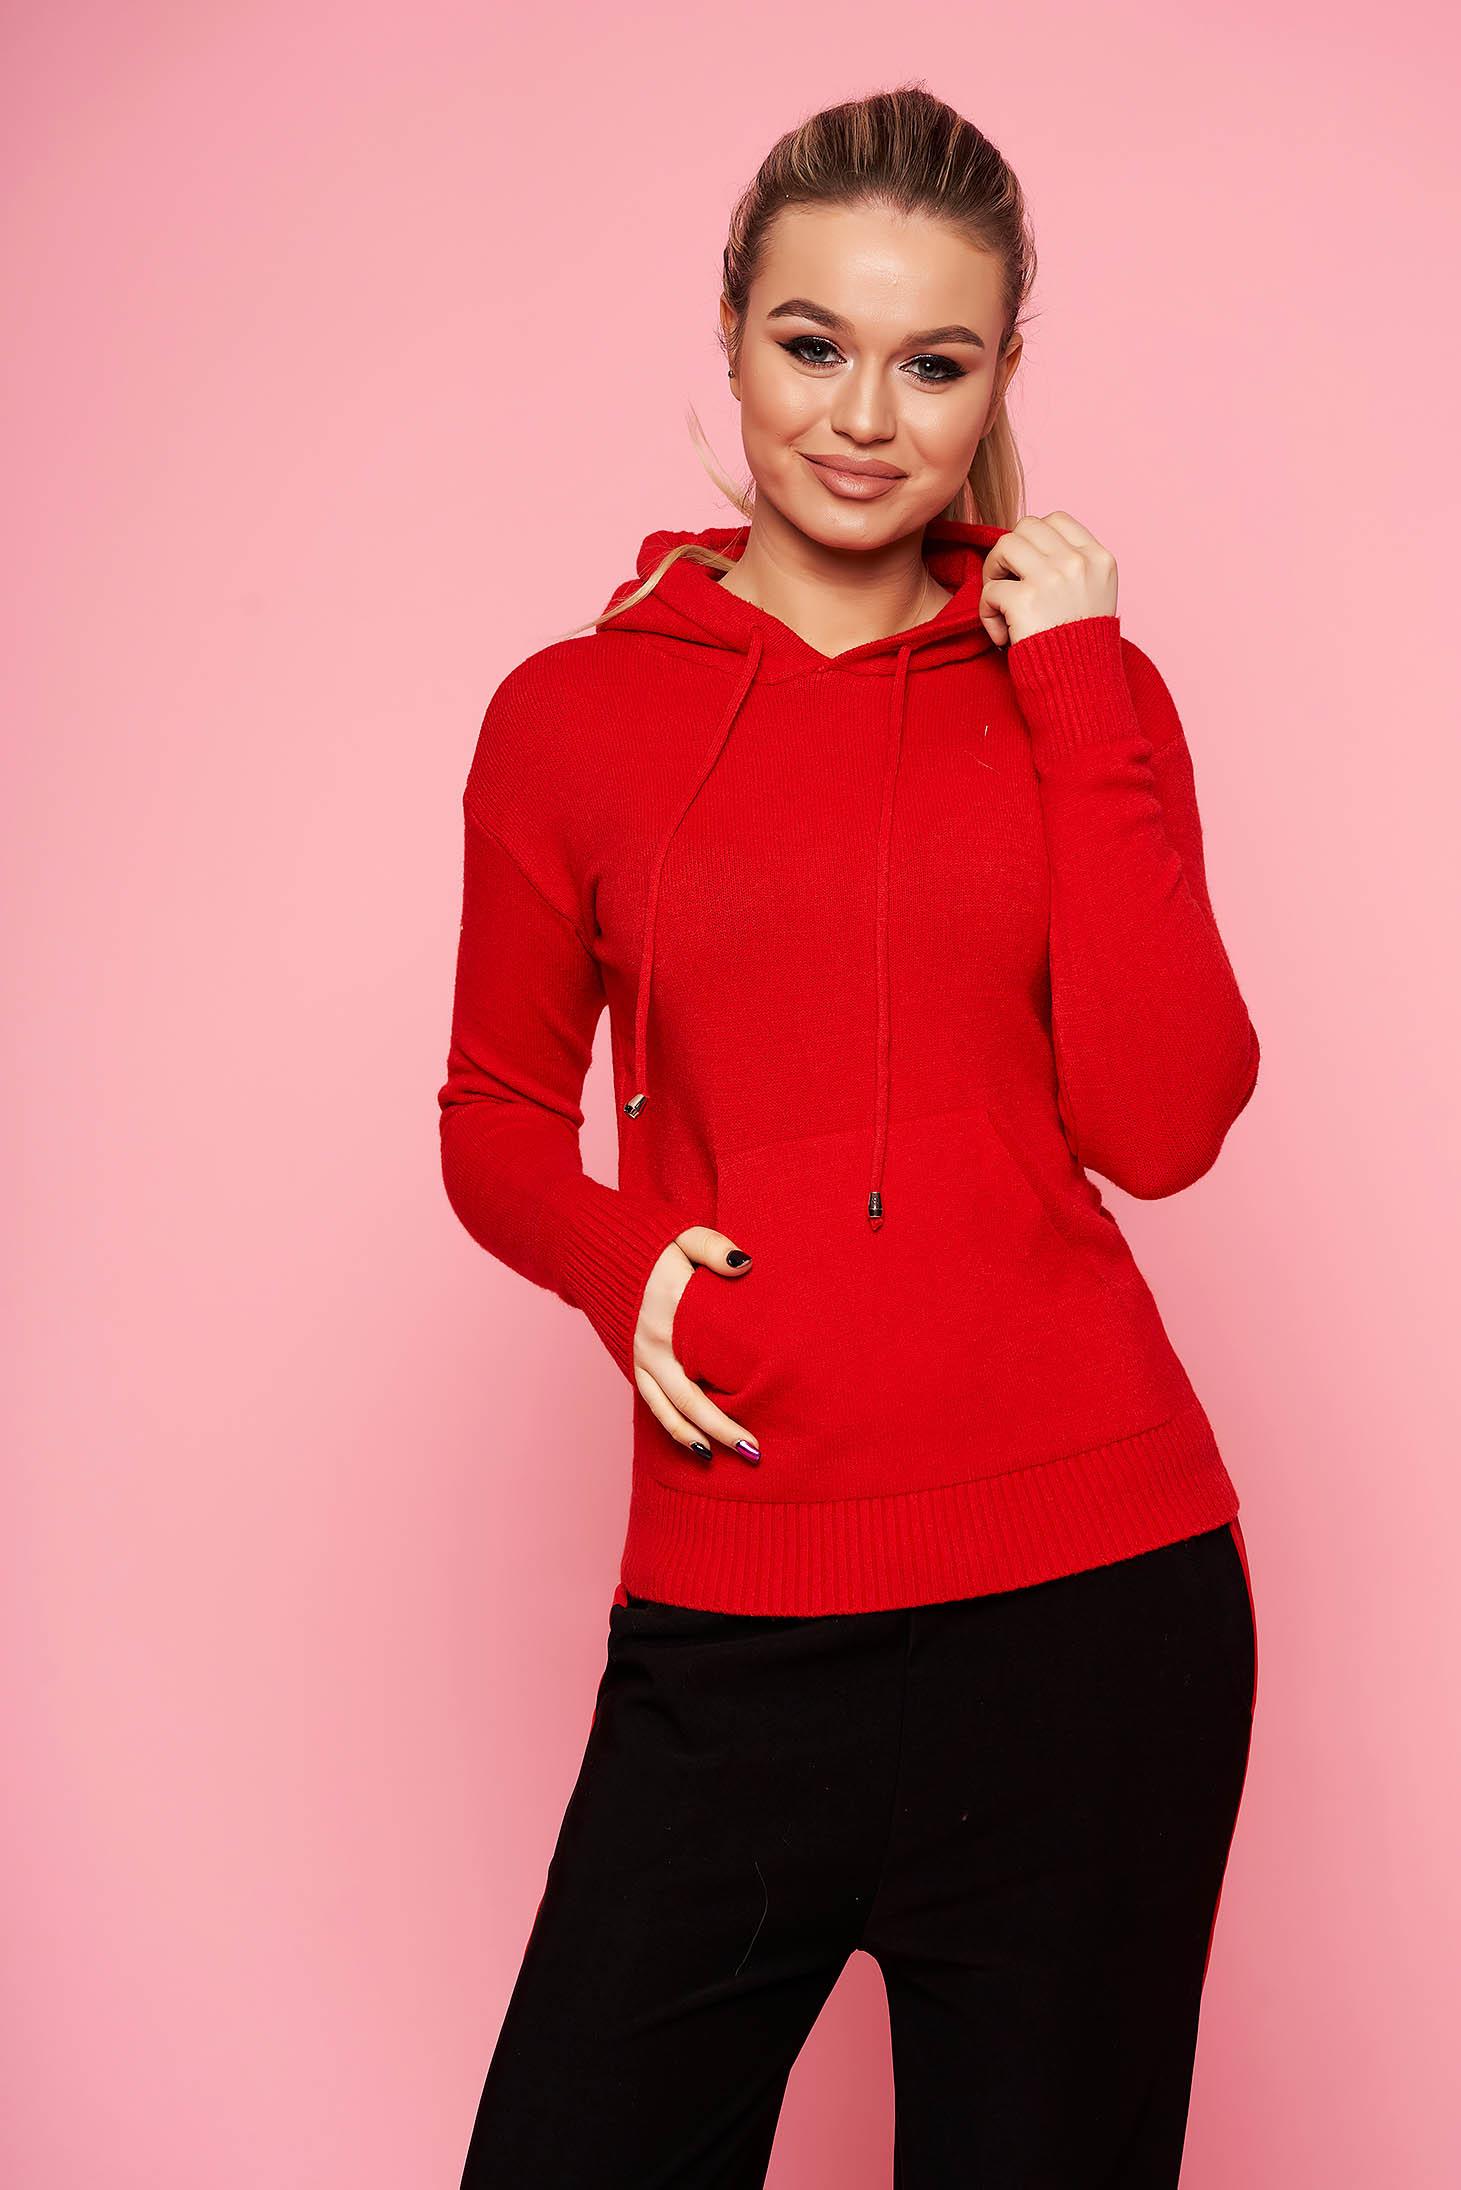 Pulover SunShine rosu casual scurt tricotat cu maneci lungi cu gluga si un buzunar in fata